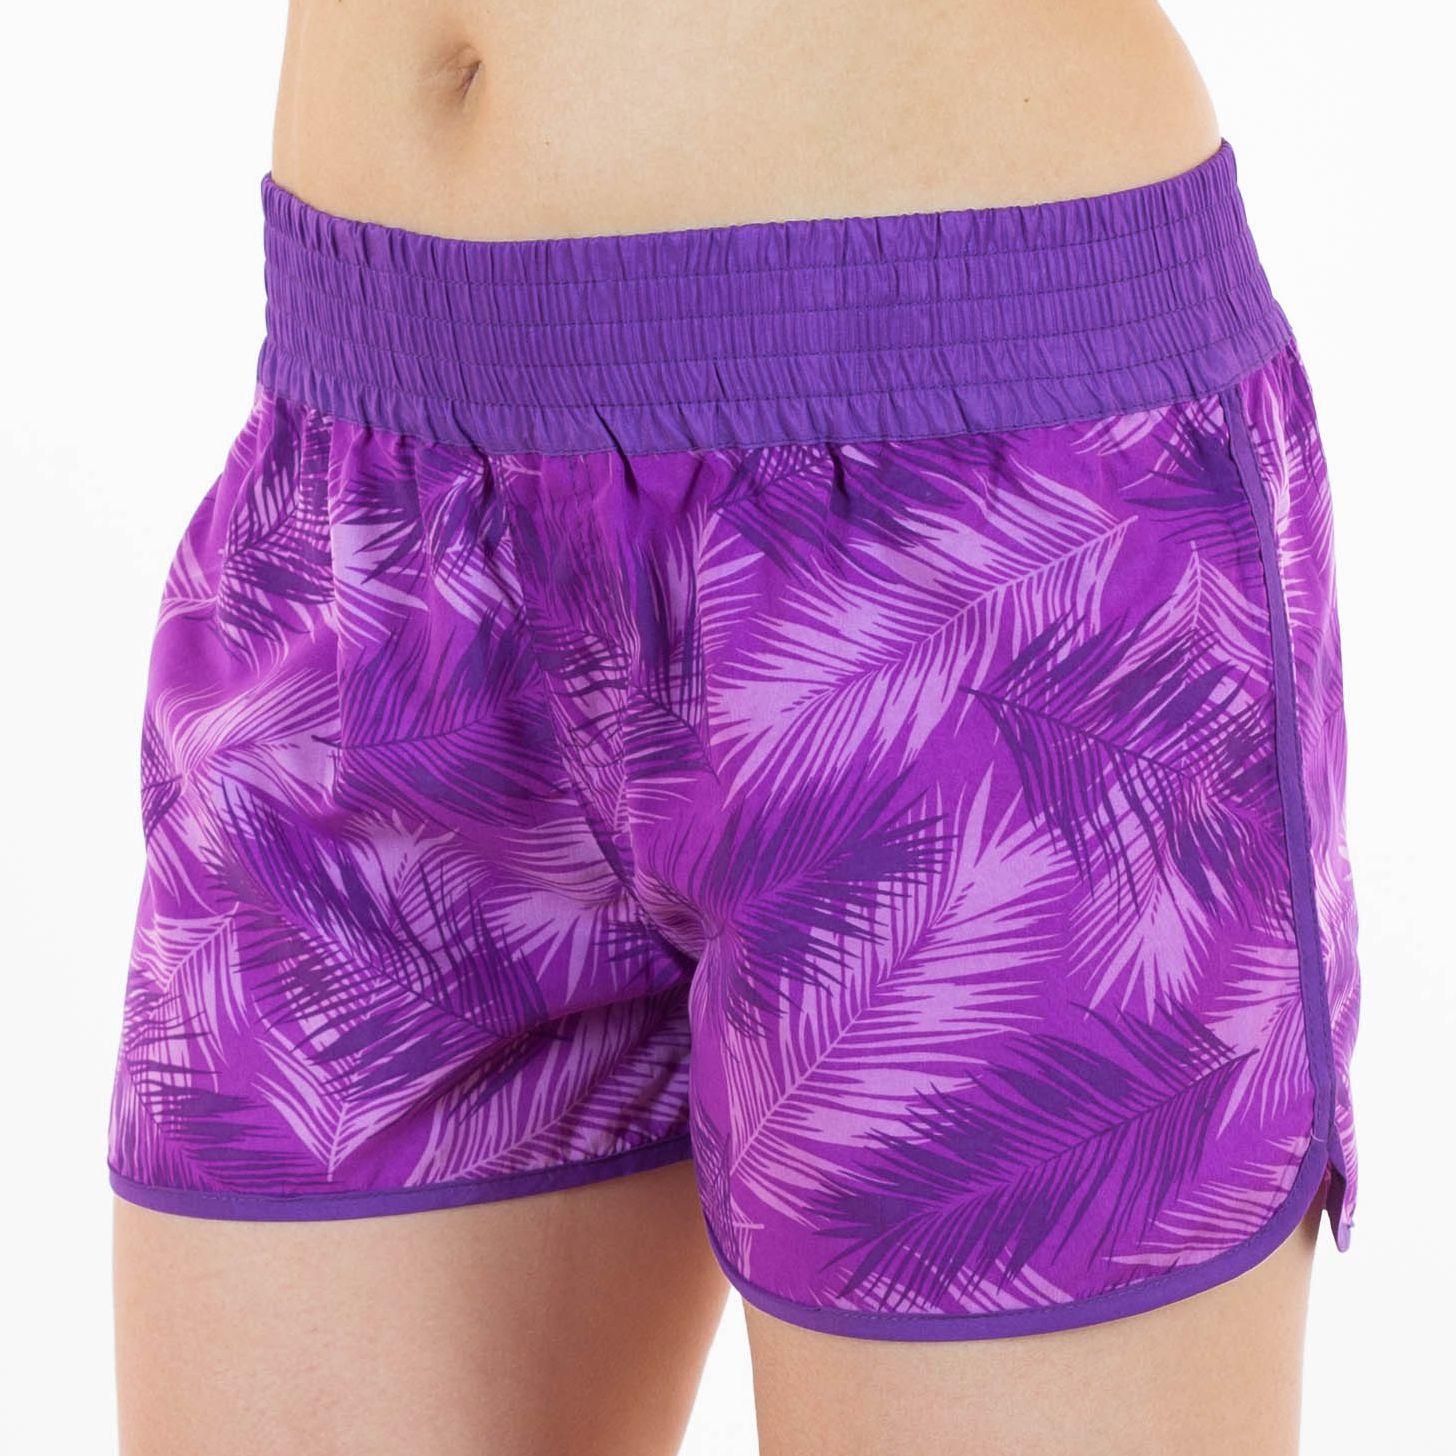 Притягательные женские шорты Originale™ отменного качества